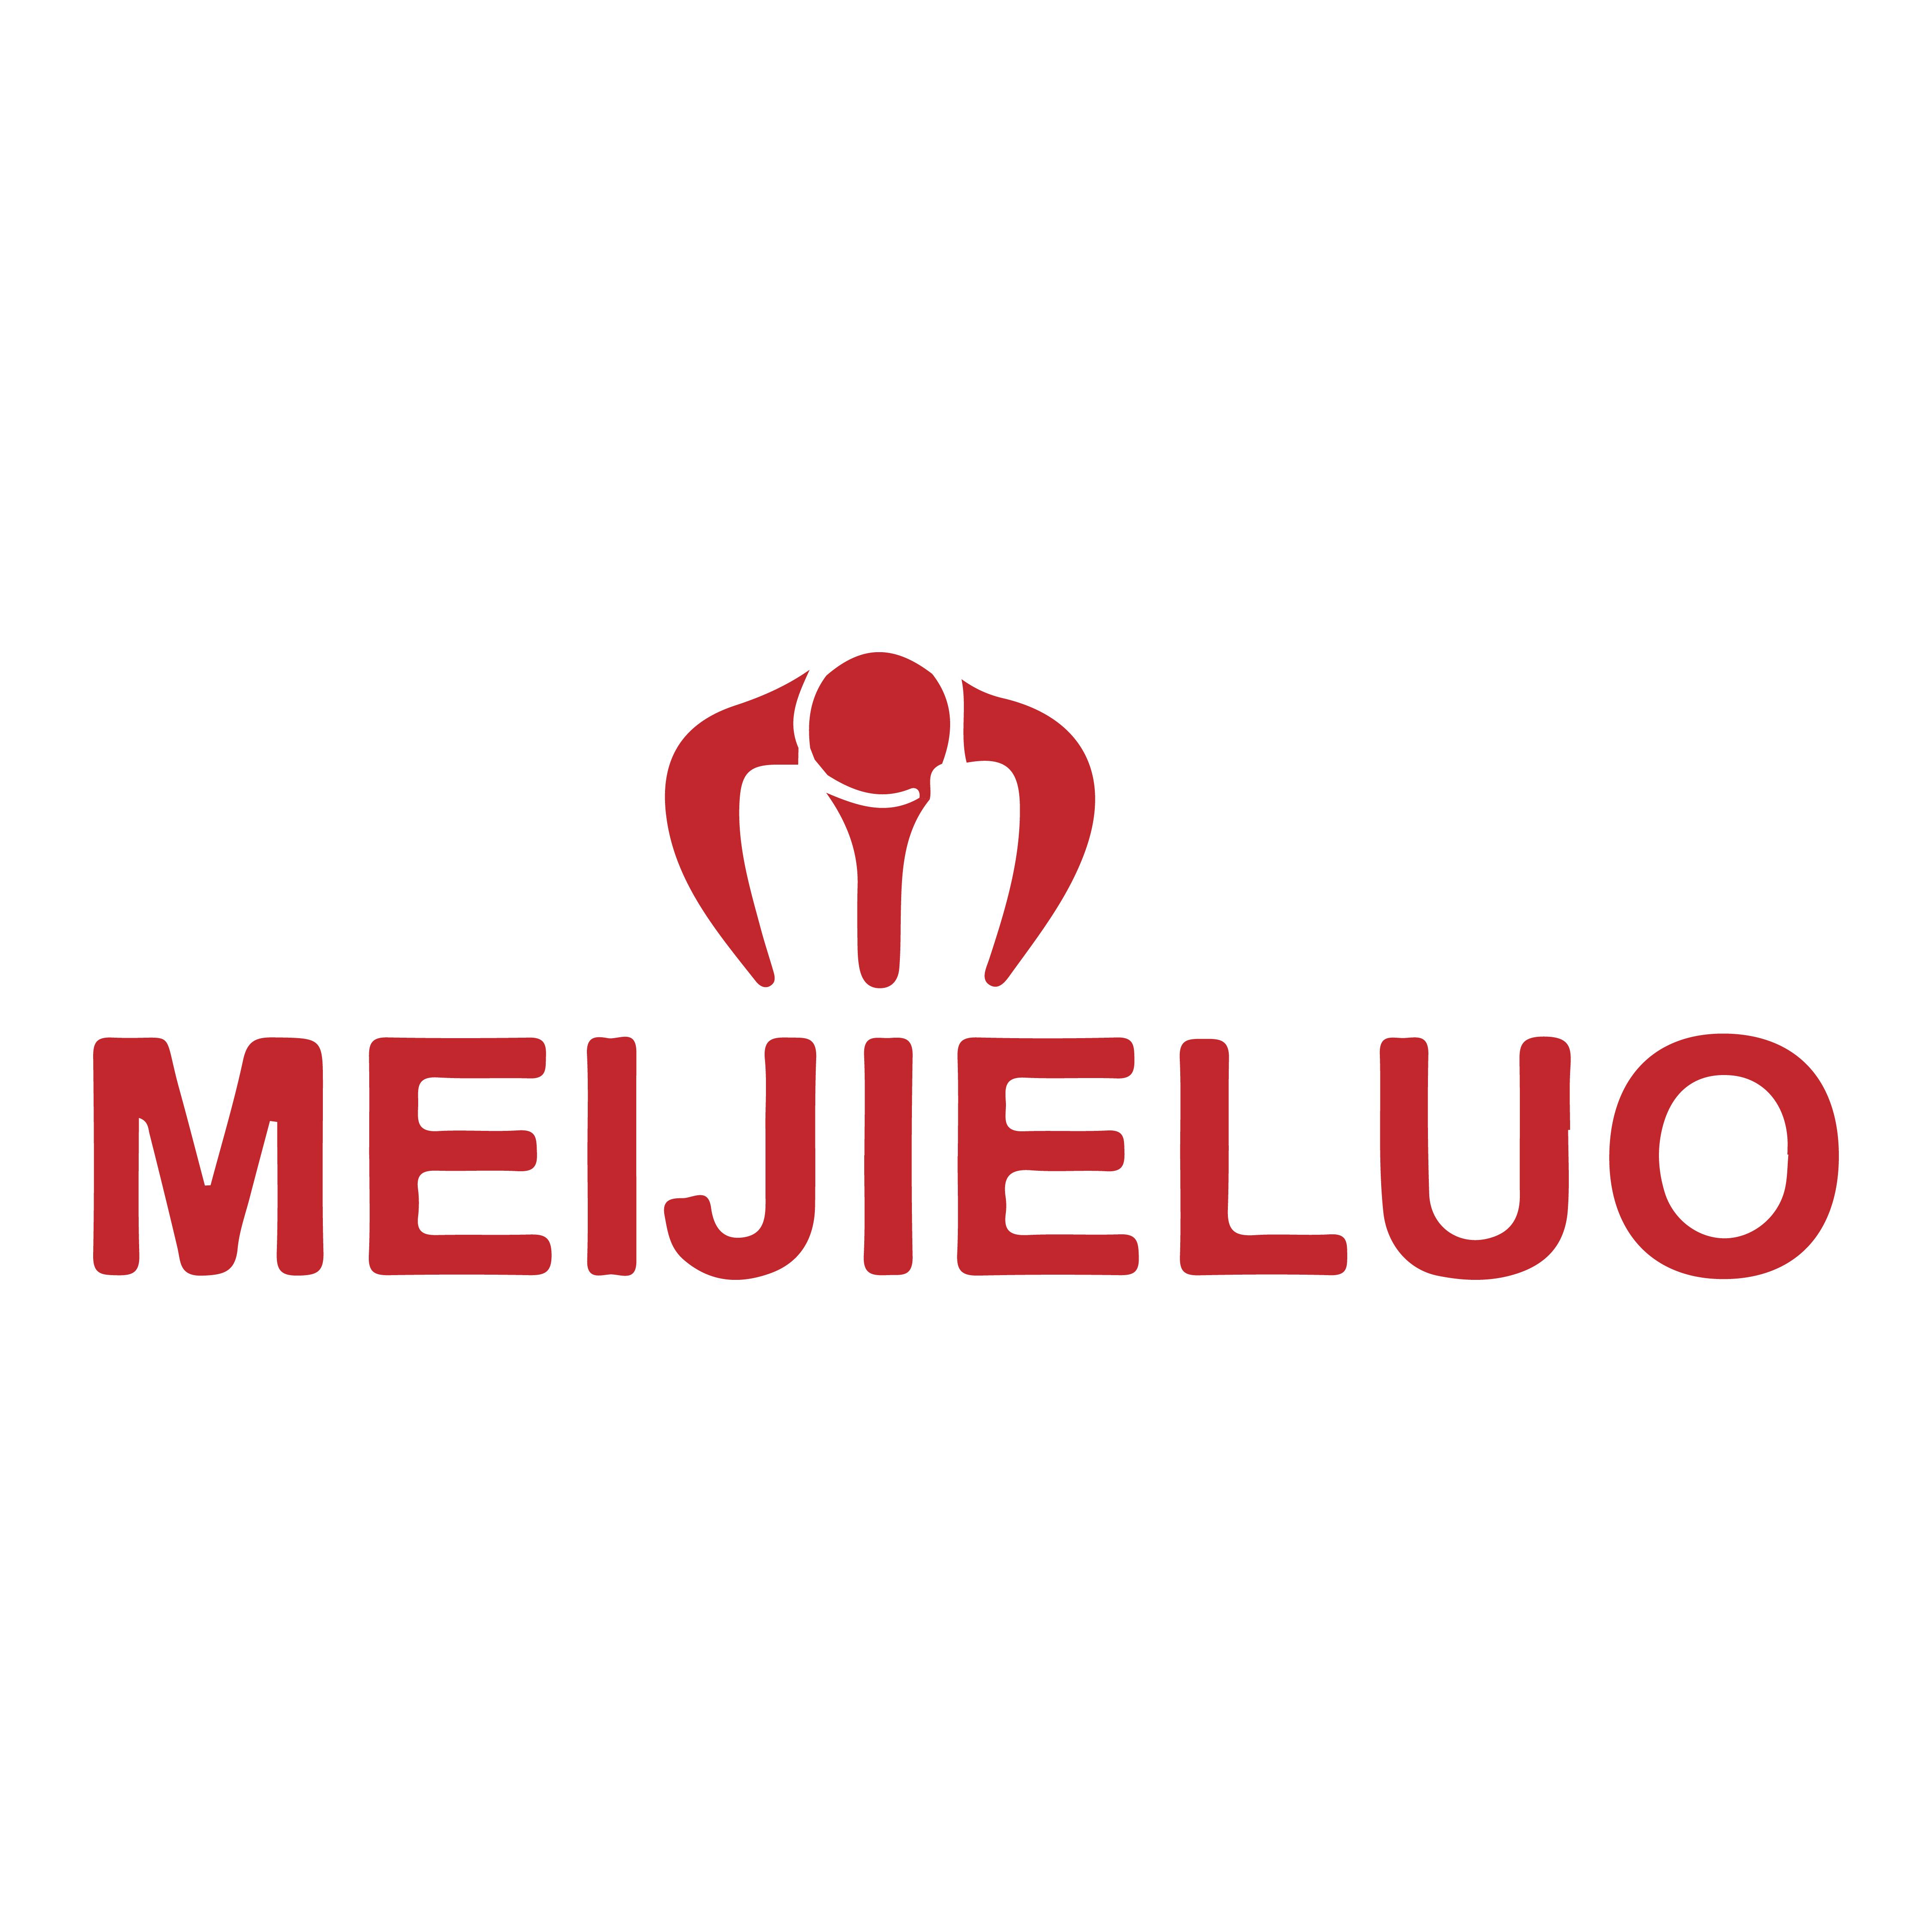 Meijieluo logo